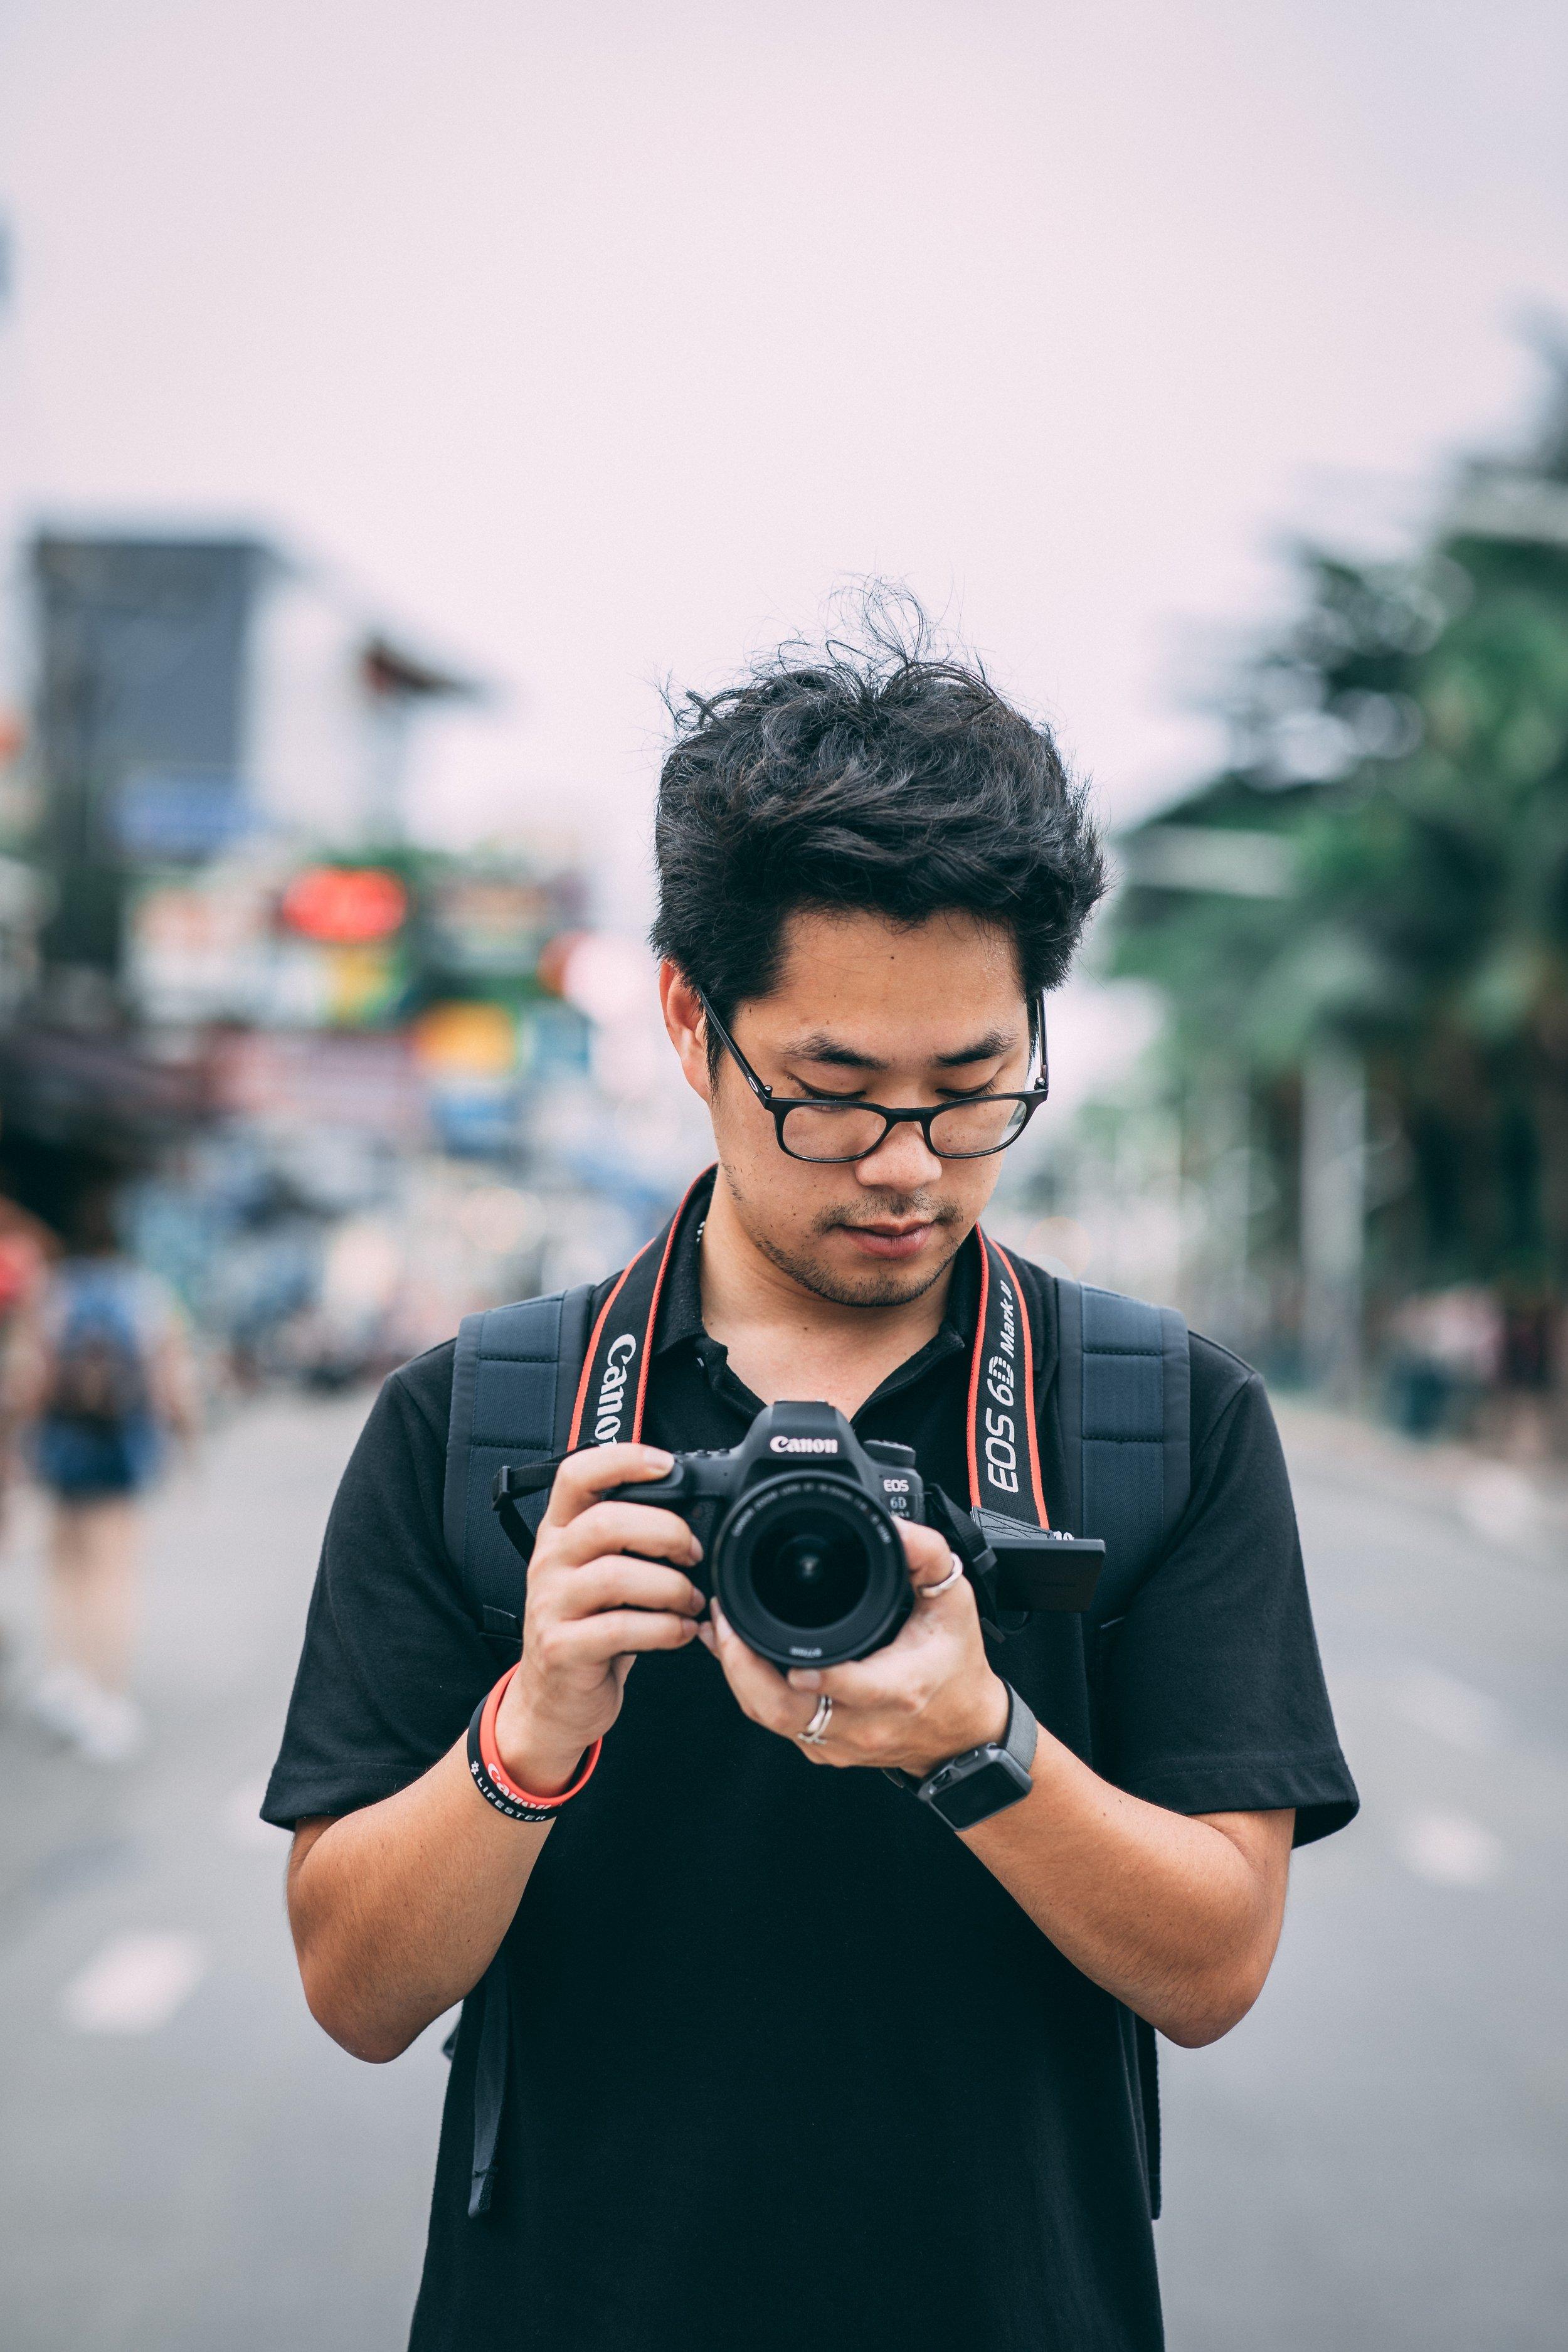 Photo by  Aunnop Suthumno  on  Unsplash